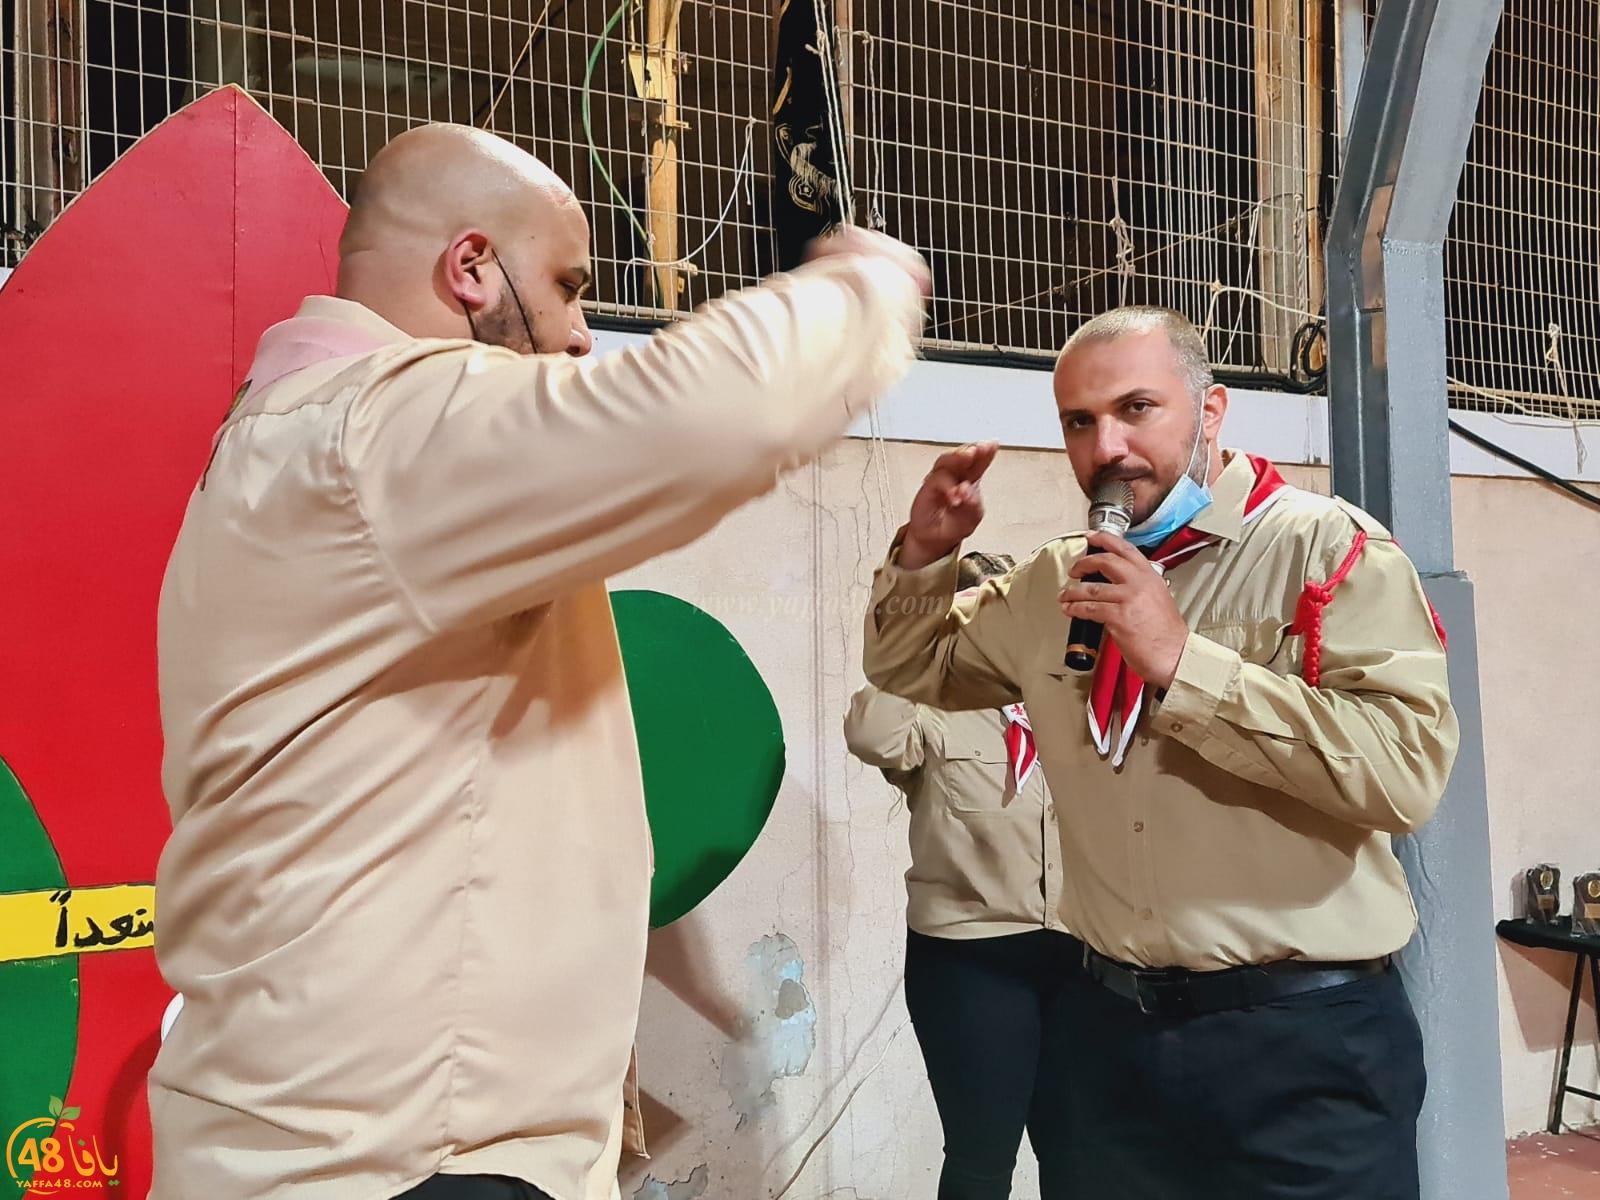 الاعلان عن تشكيل الادارة الجديدة لسرية كشاف النادي الاسلامي في يافا